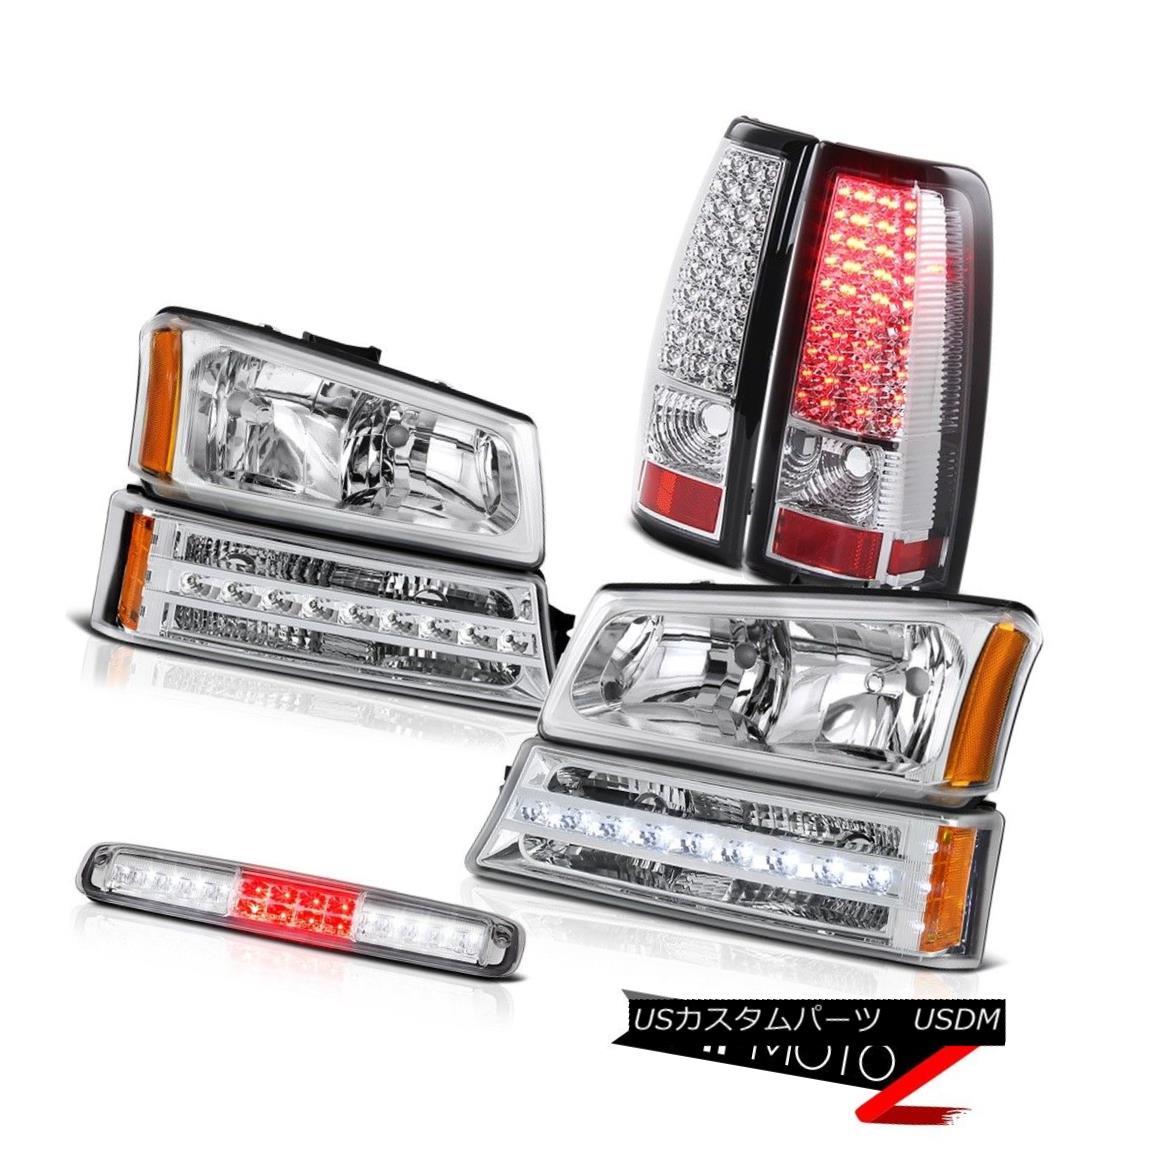 テールライト 03 04 05 06 Silverado High Stop Lamp Headlamps Signal Light Tail Lights LED SMD 03 04 05 06 Silveradoハイストップランプヘッドランプ信号ライトテールライトLED SMD